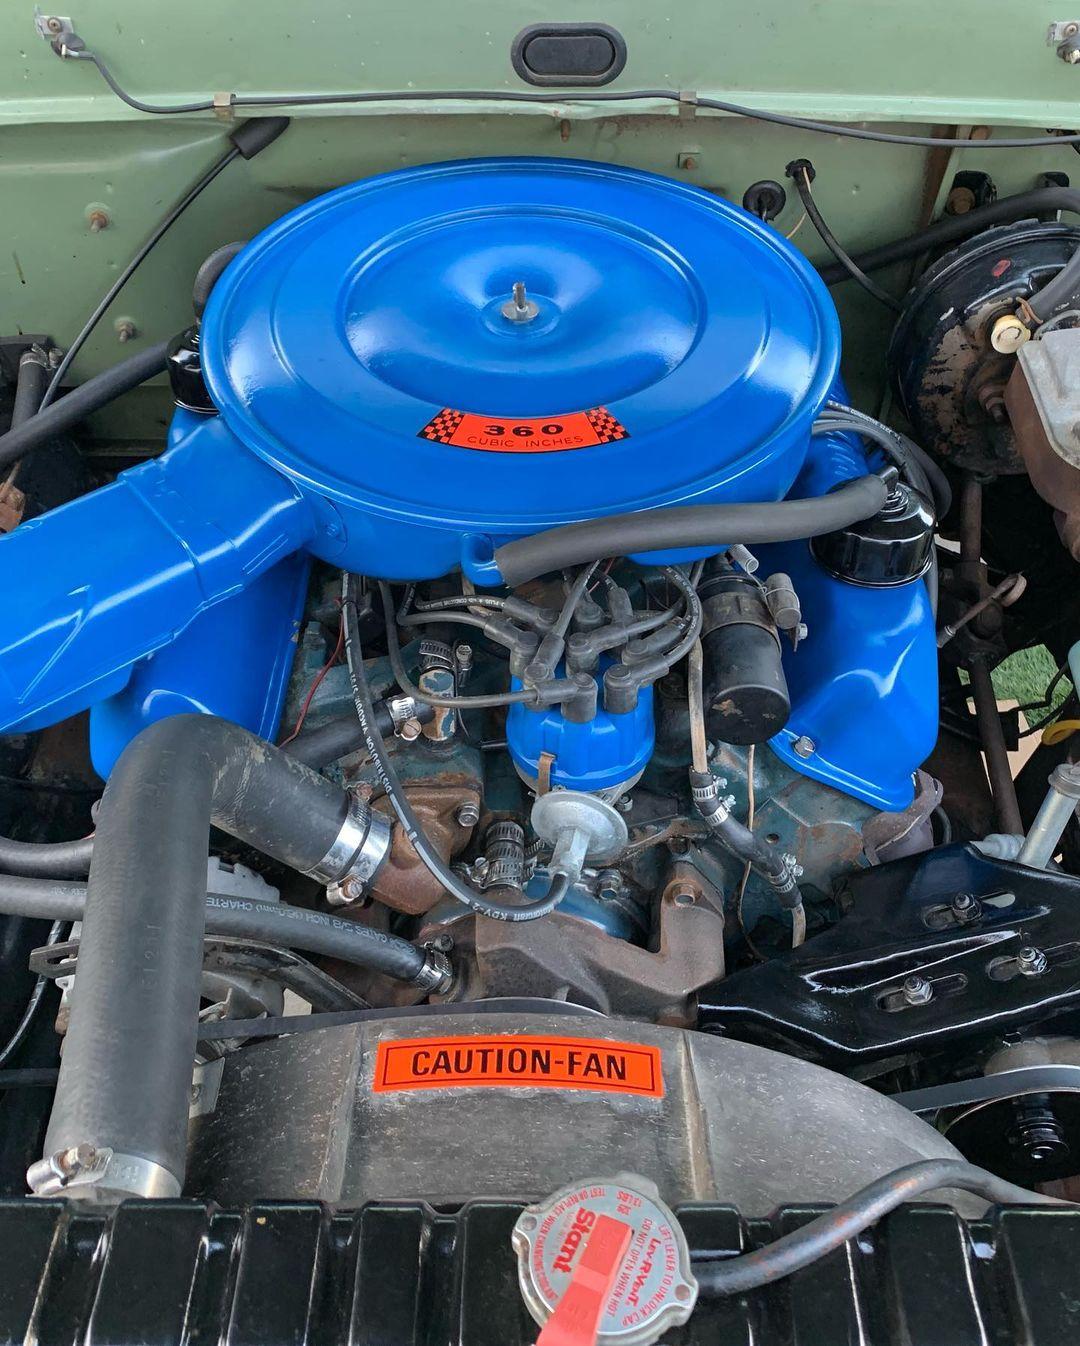 1969 Ford F250 Ranger 360FE 4x4 - For Sale 6.jpg